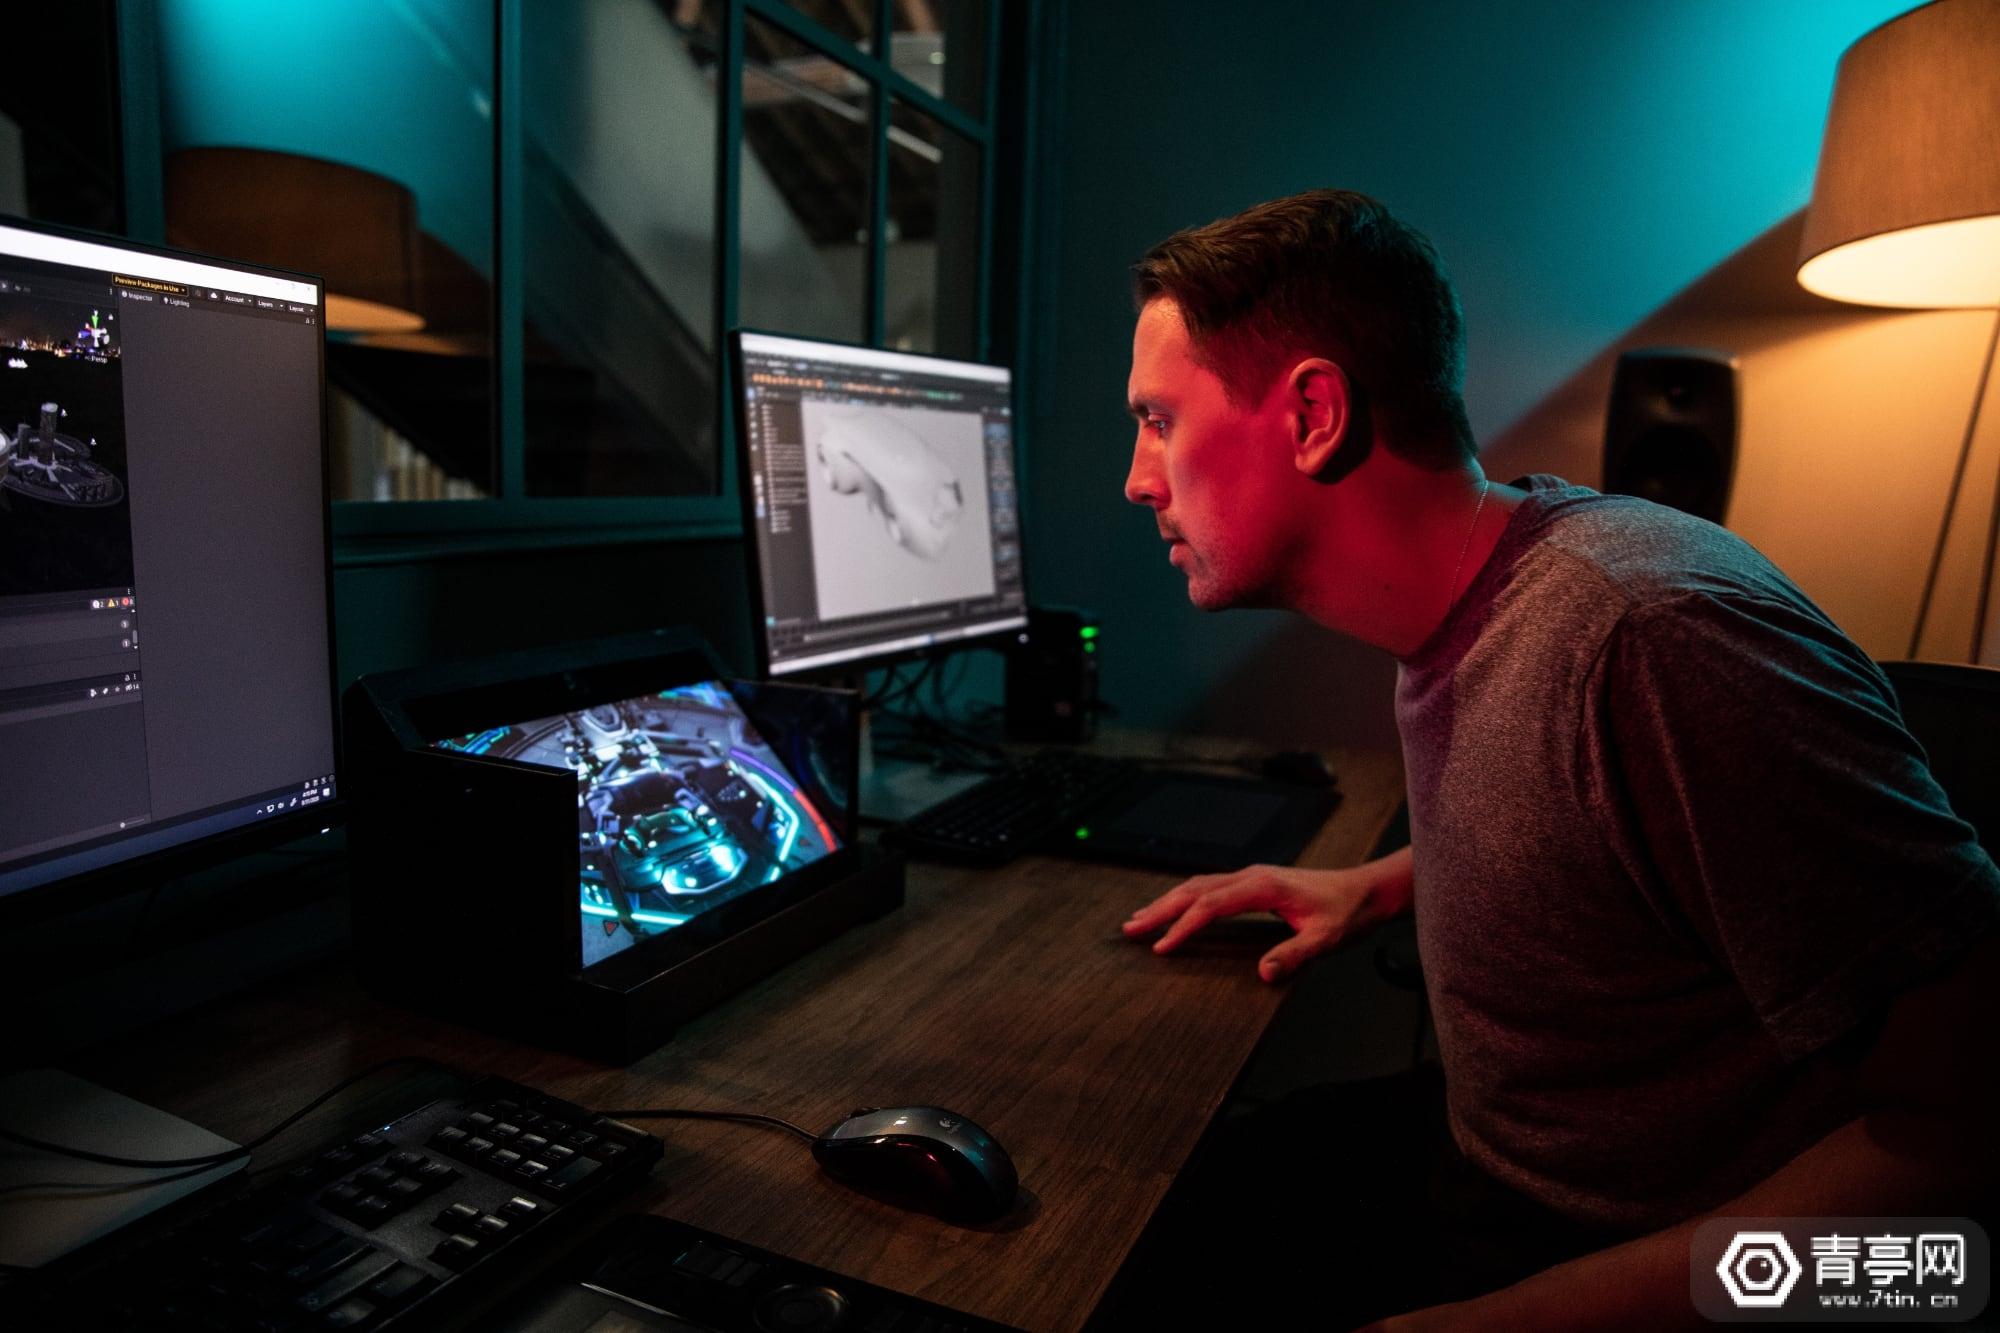 售价5000美元,索尼发布眼球追踪3D显示屏ELF-SR1